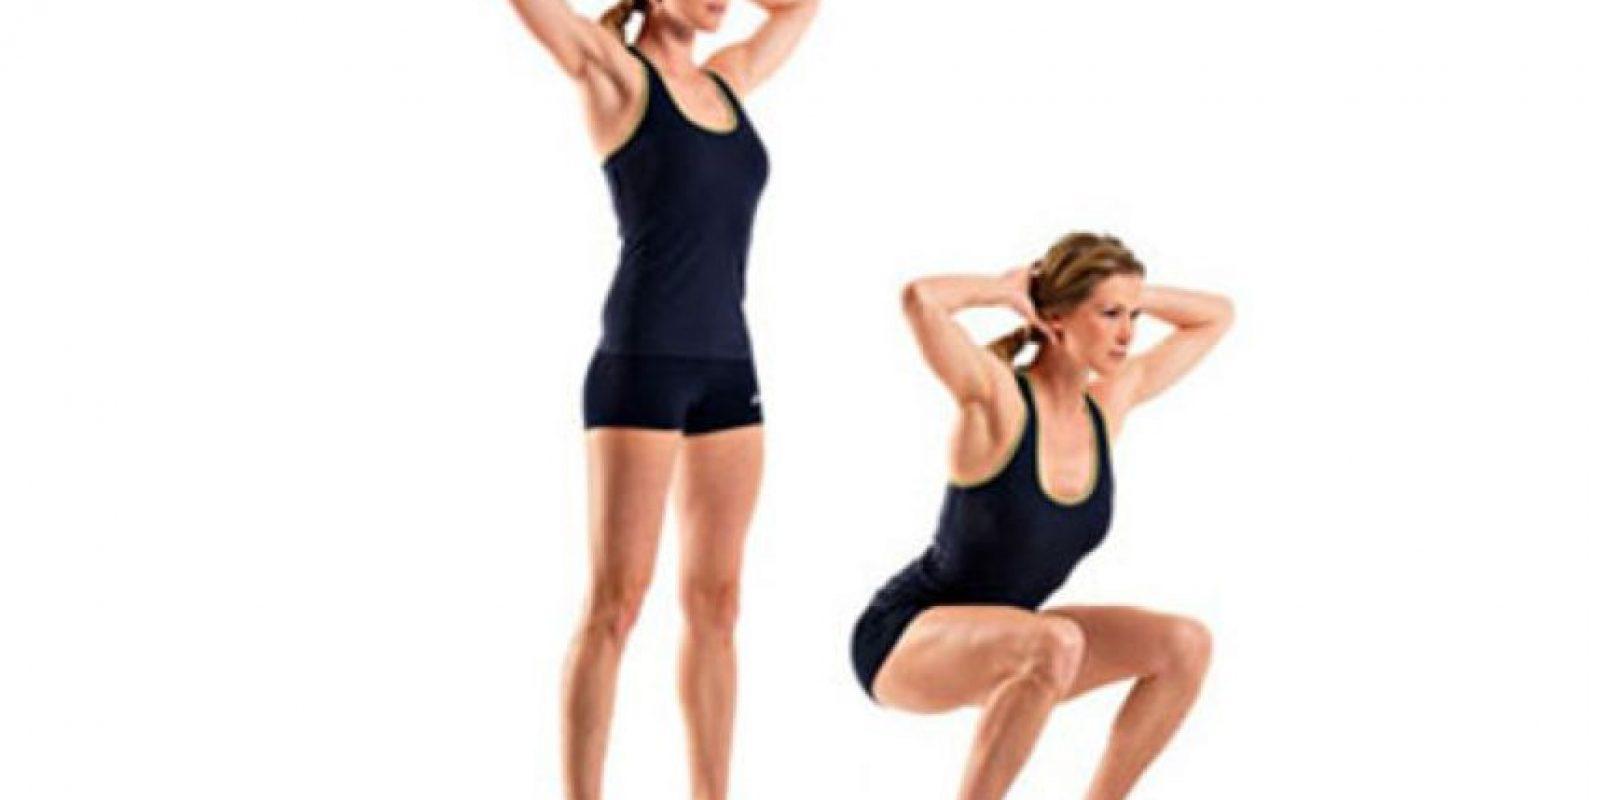 El coach de entrenamiento funcional Joaquín Acevedo Trejo recomienda estos cinco ejercicios: Squats o sentadillas profundas Foto:Twittter. Imagen Por: